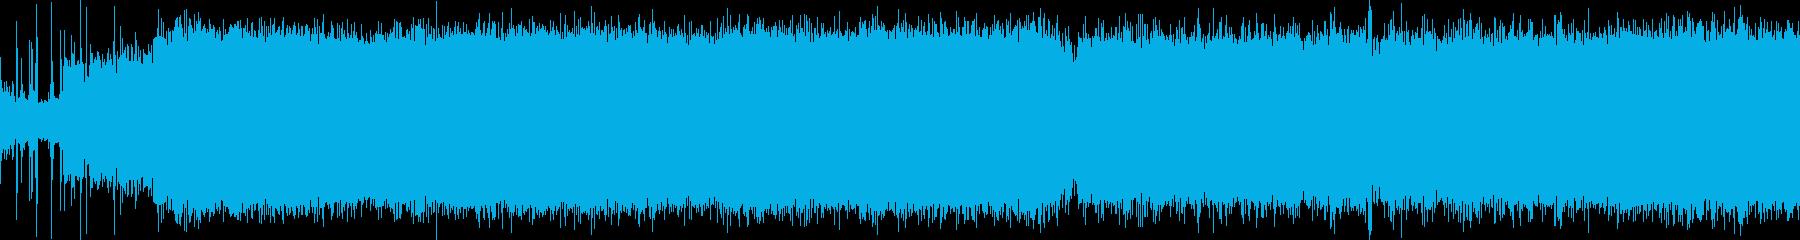 ヘリコプターのエンジン始動音の再生済みの波形